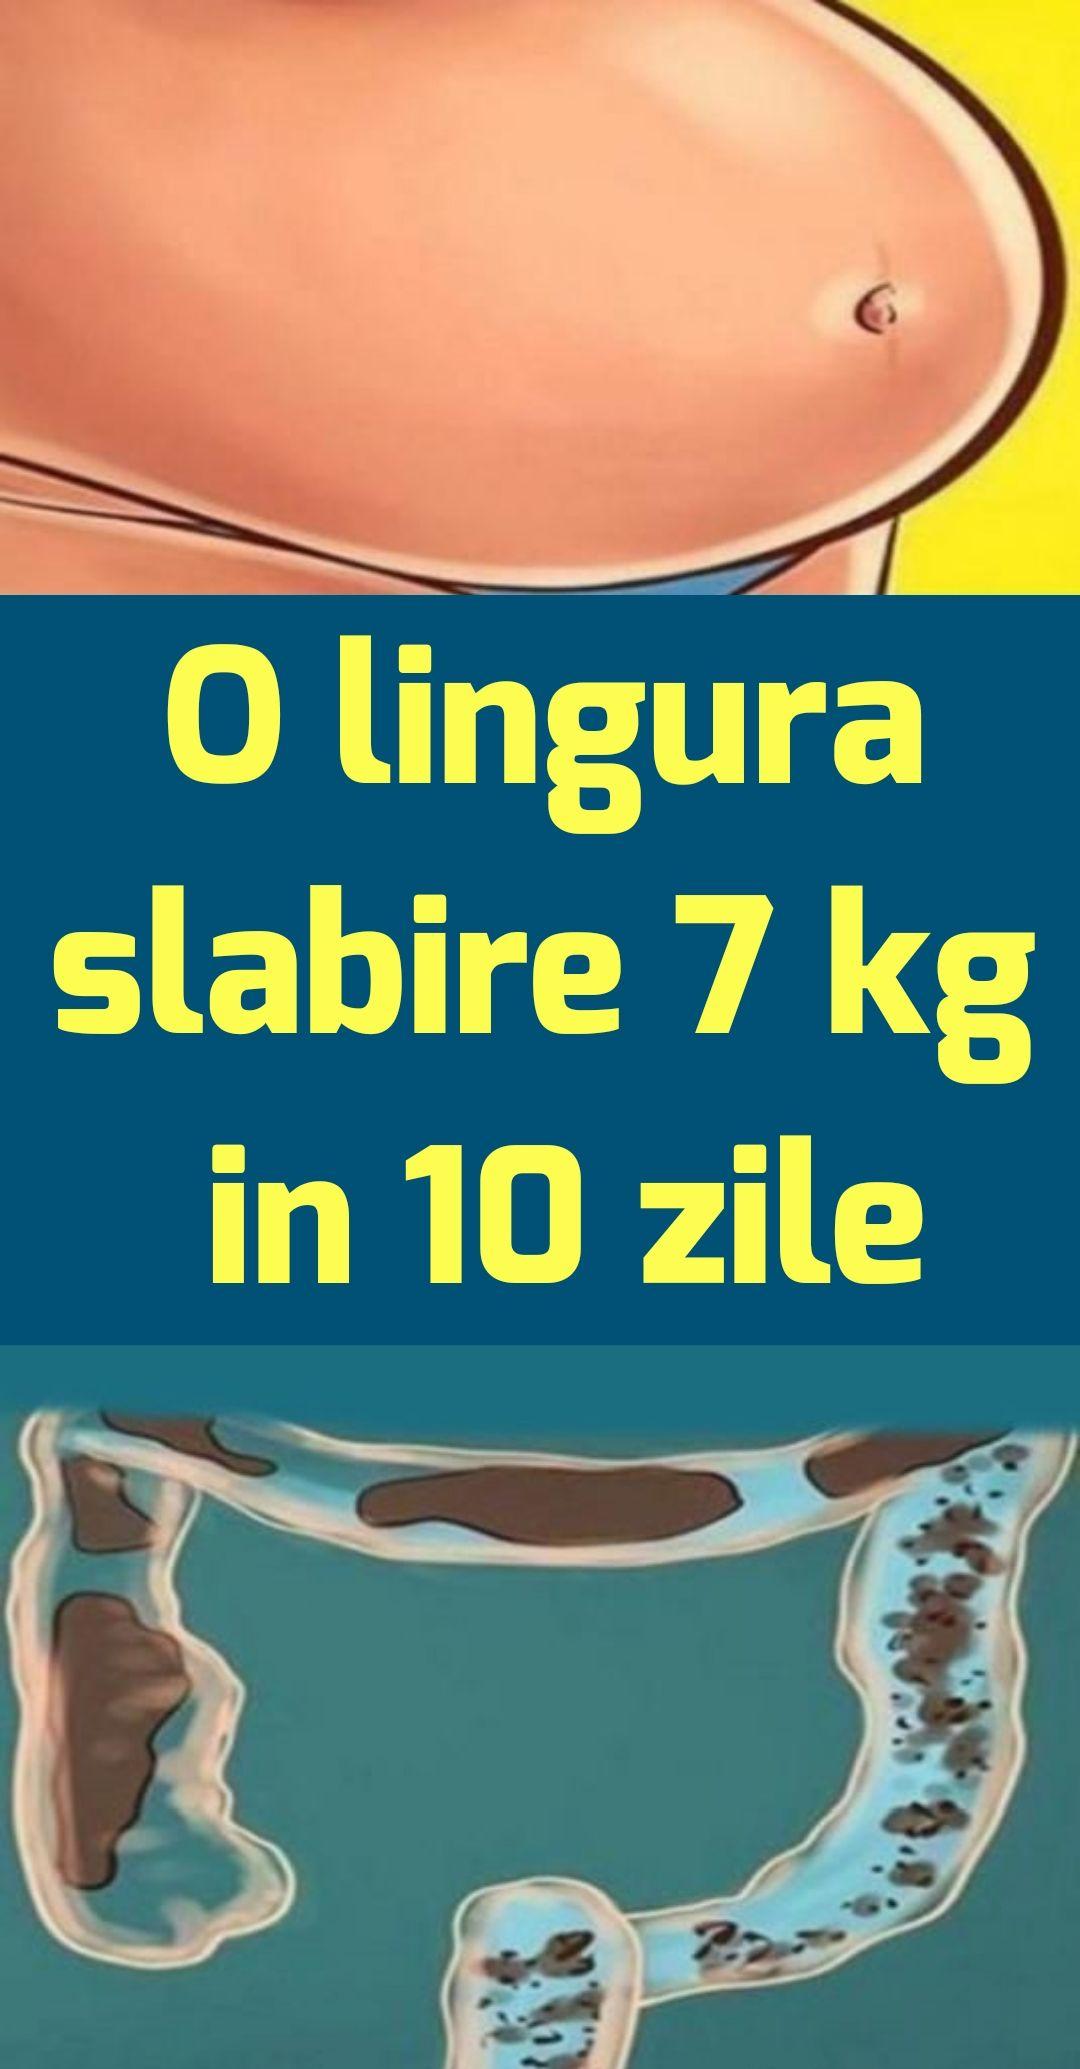 cum pierd pierderea în greutate)